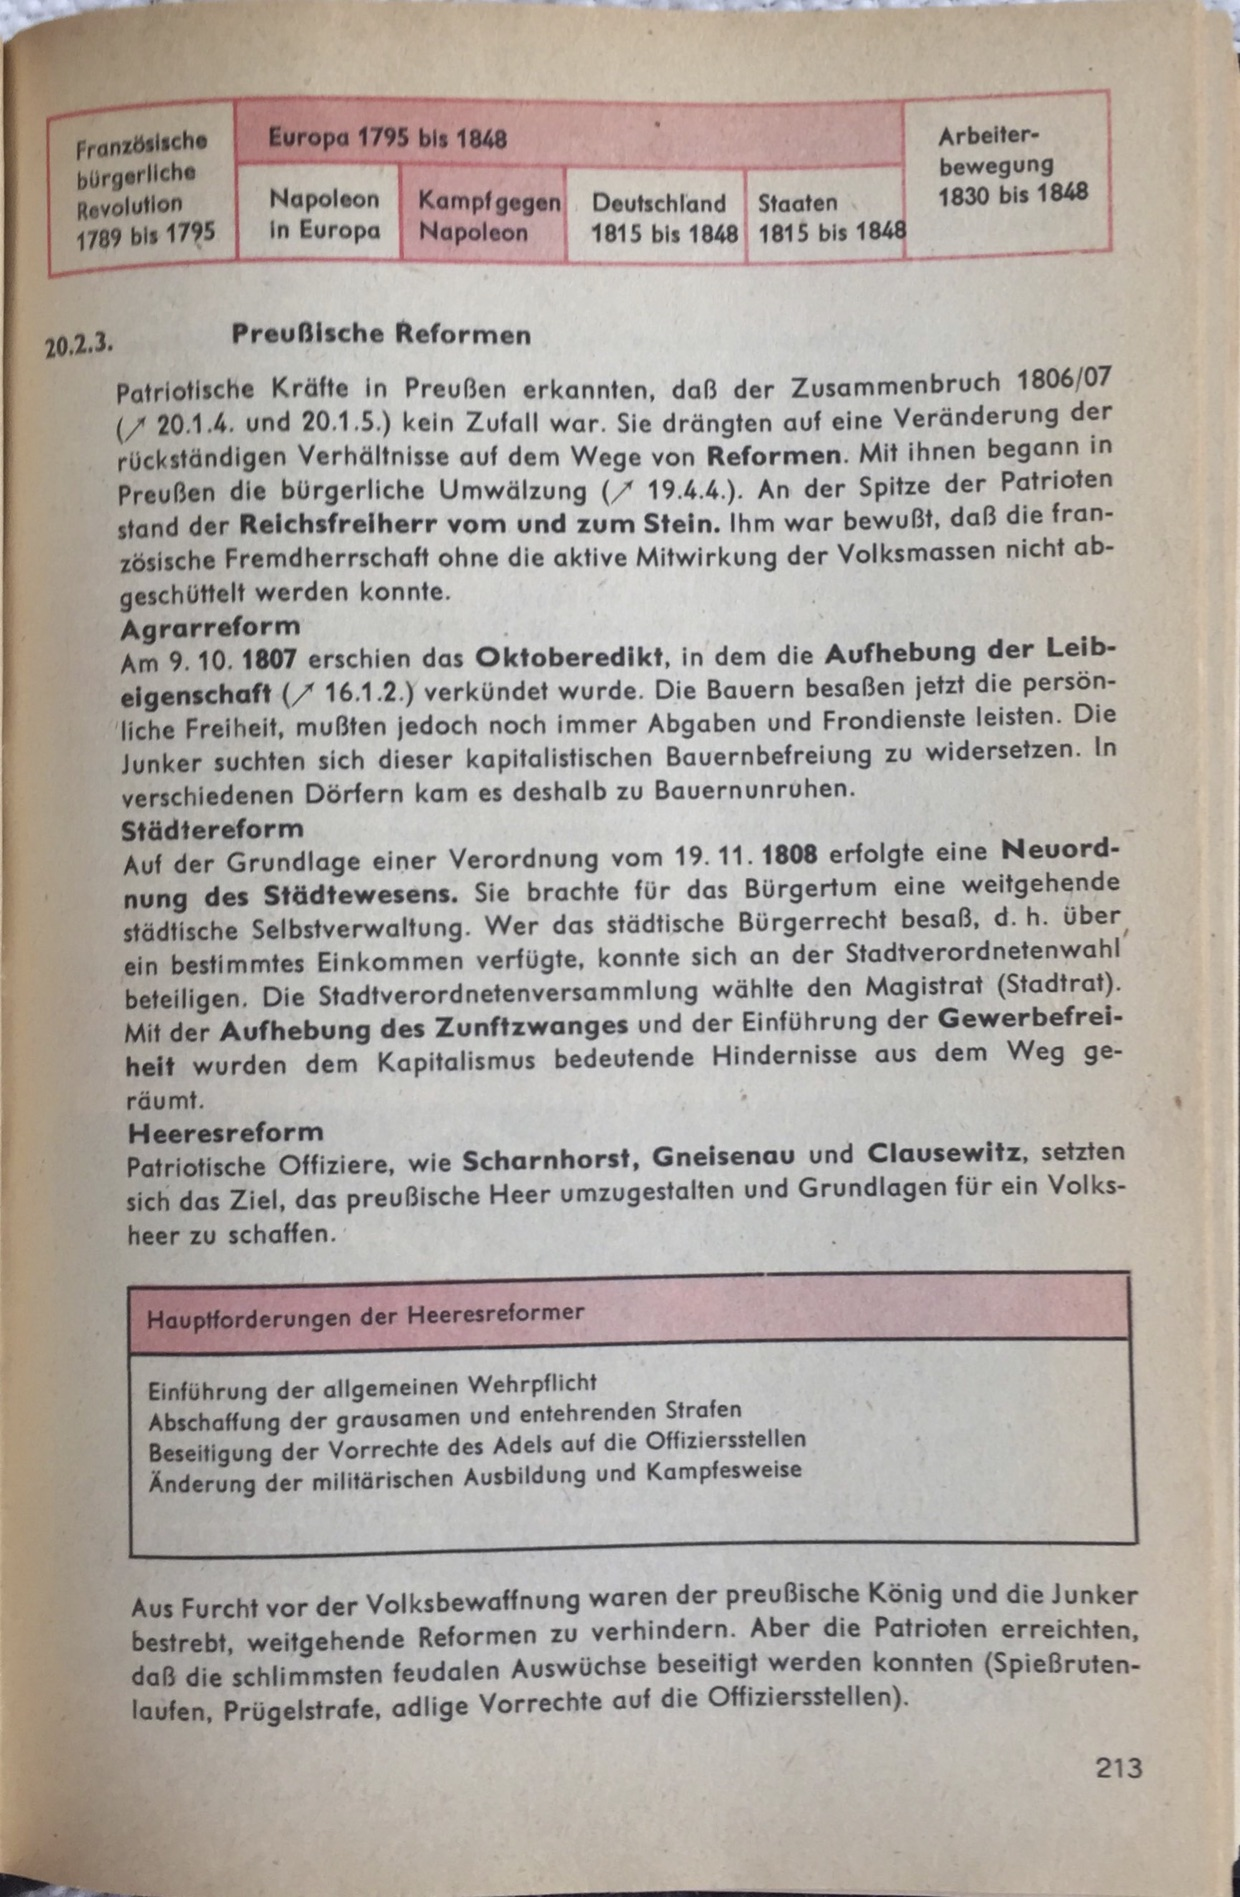 Reformen in Preußen